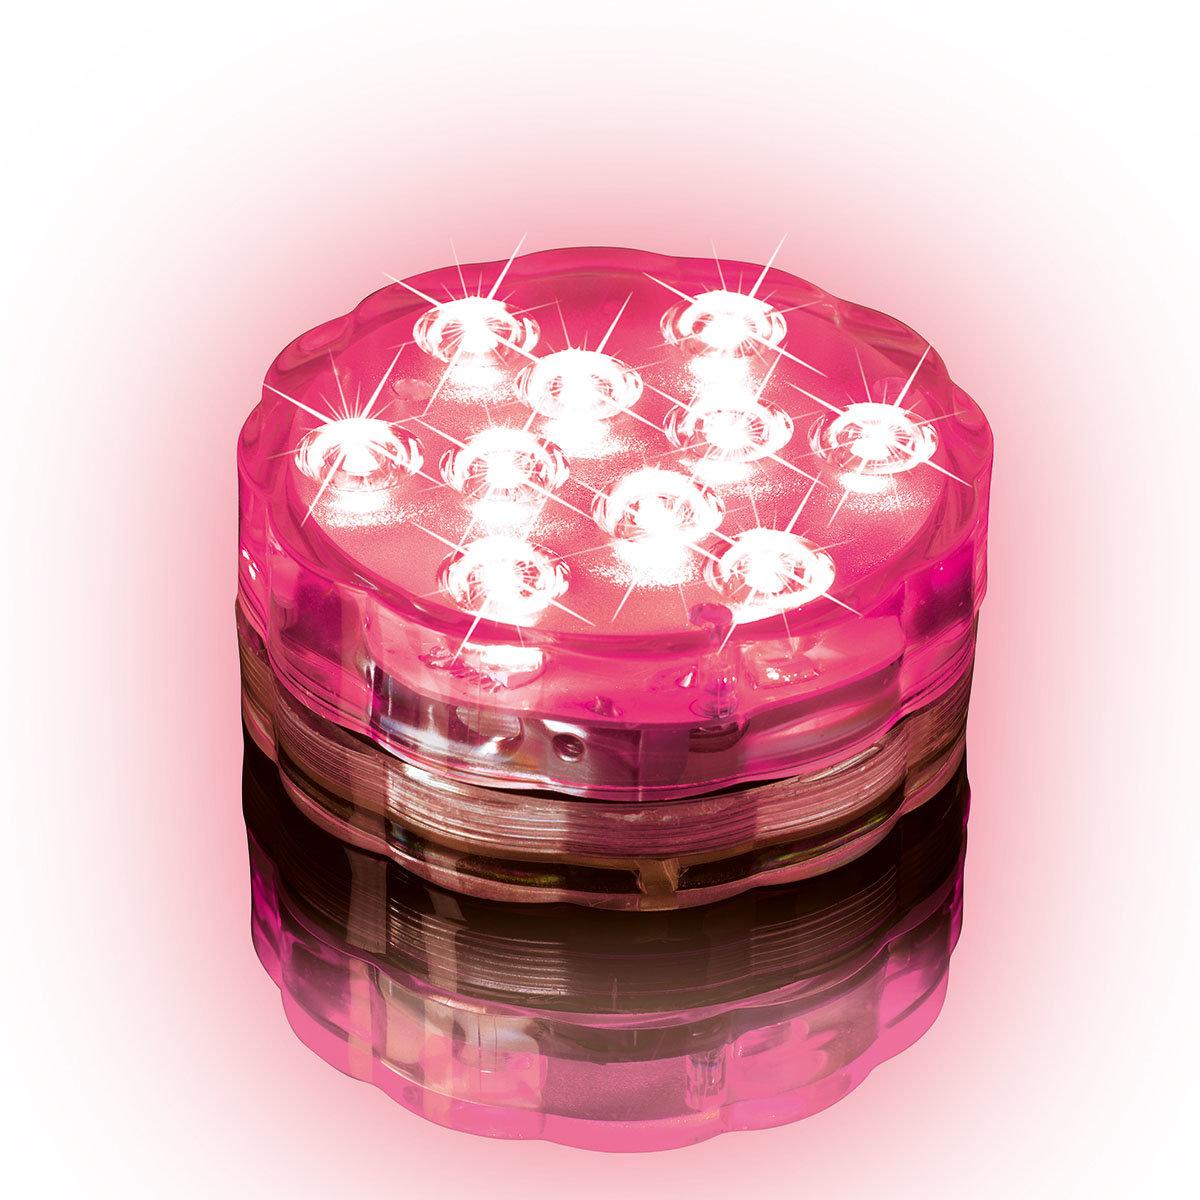 LED-Lichterzauber | #3